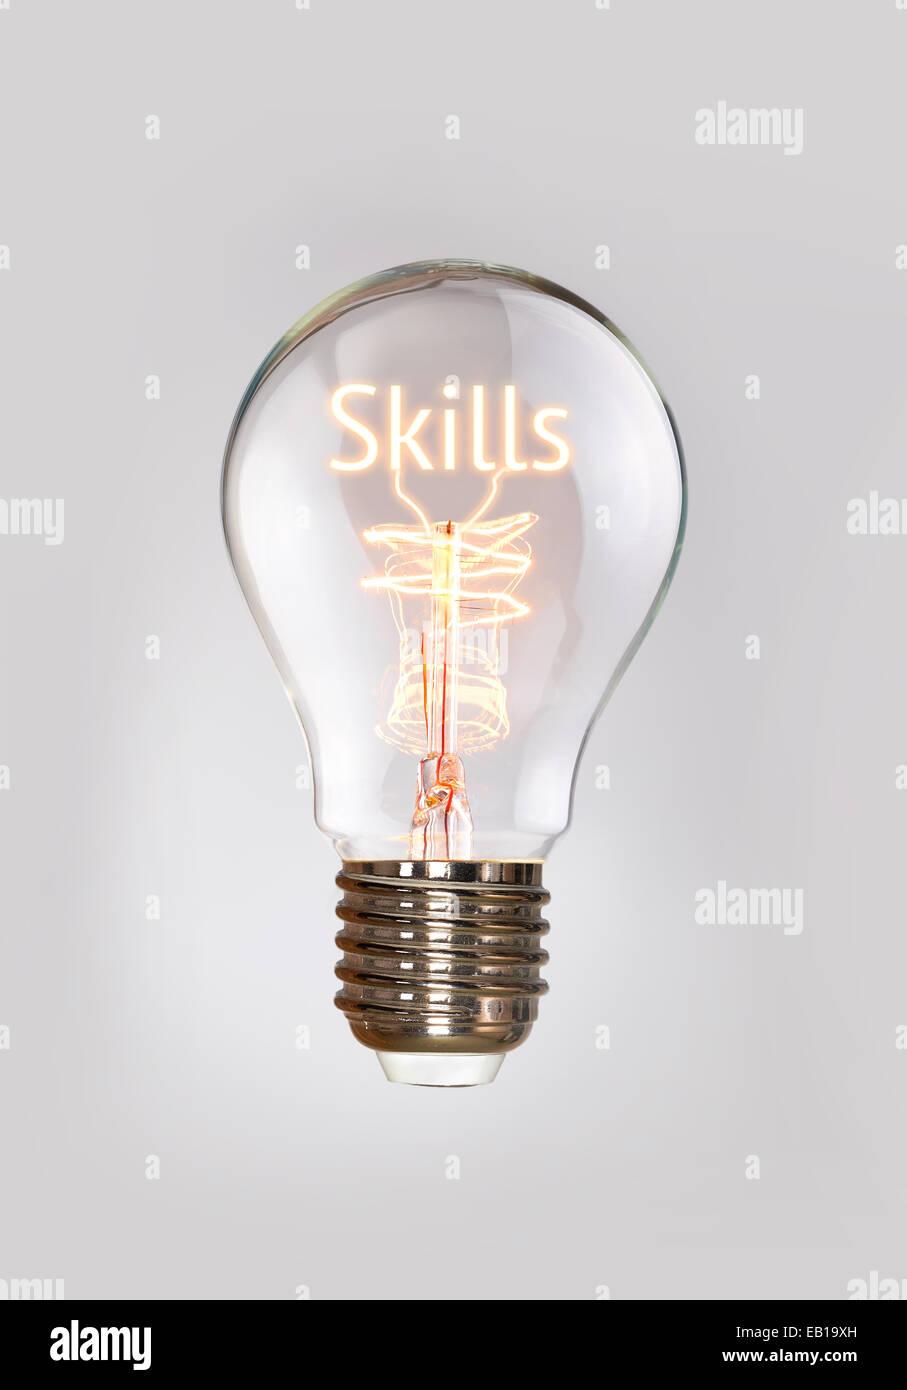 Concepto de habilidades en una bombilla de filamento. Imagen De Stock